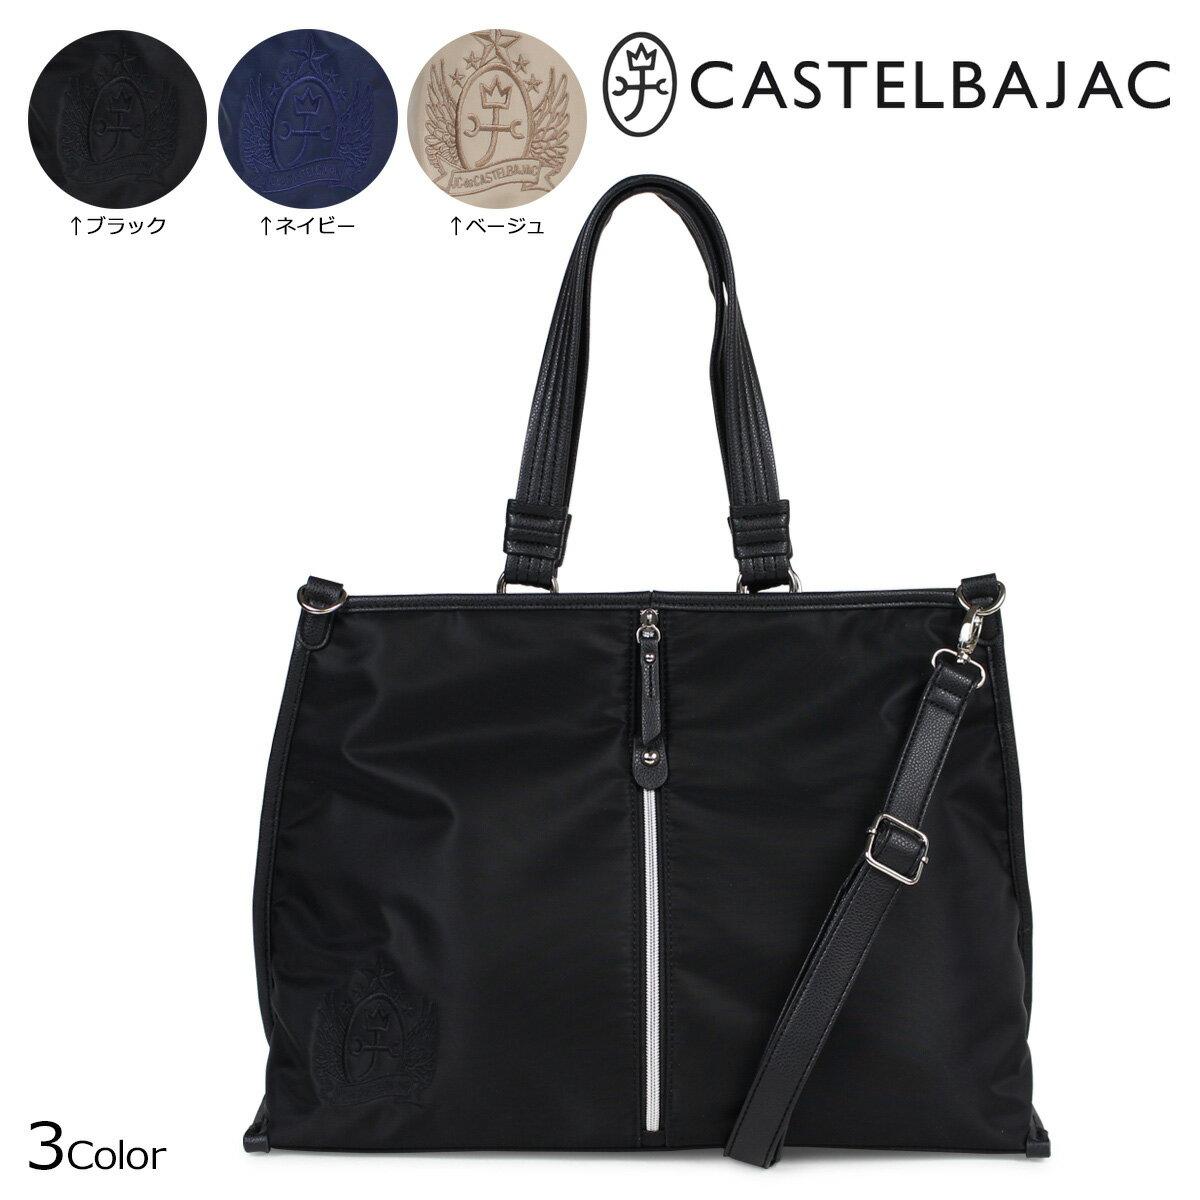 CASTELBAJAC カステルバジャック バッグ トートバッグ メンズ 23603135